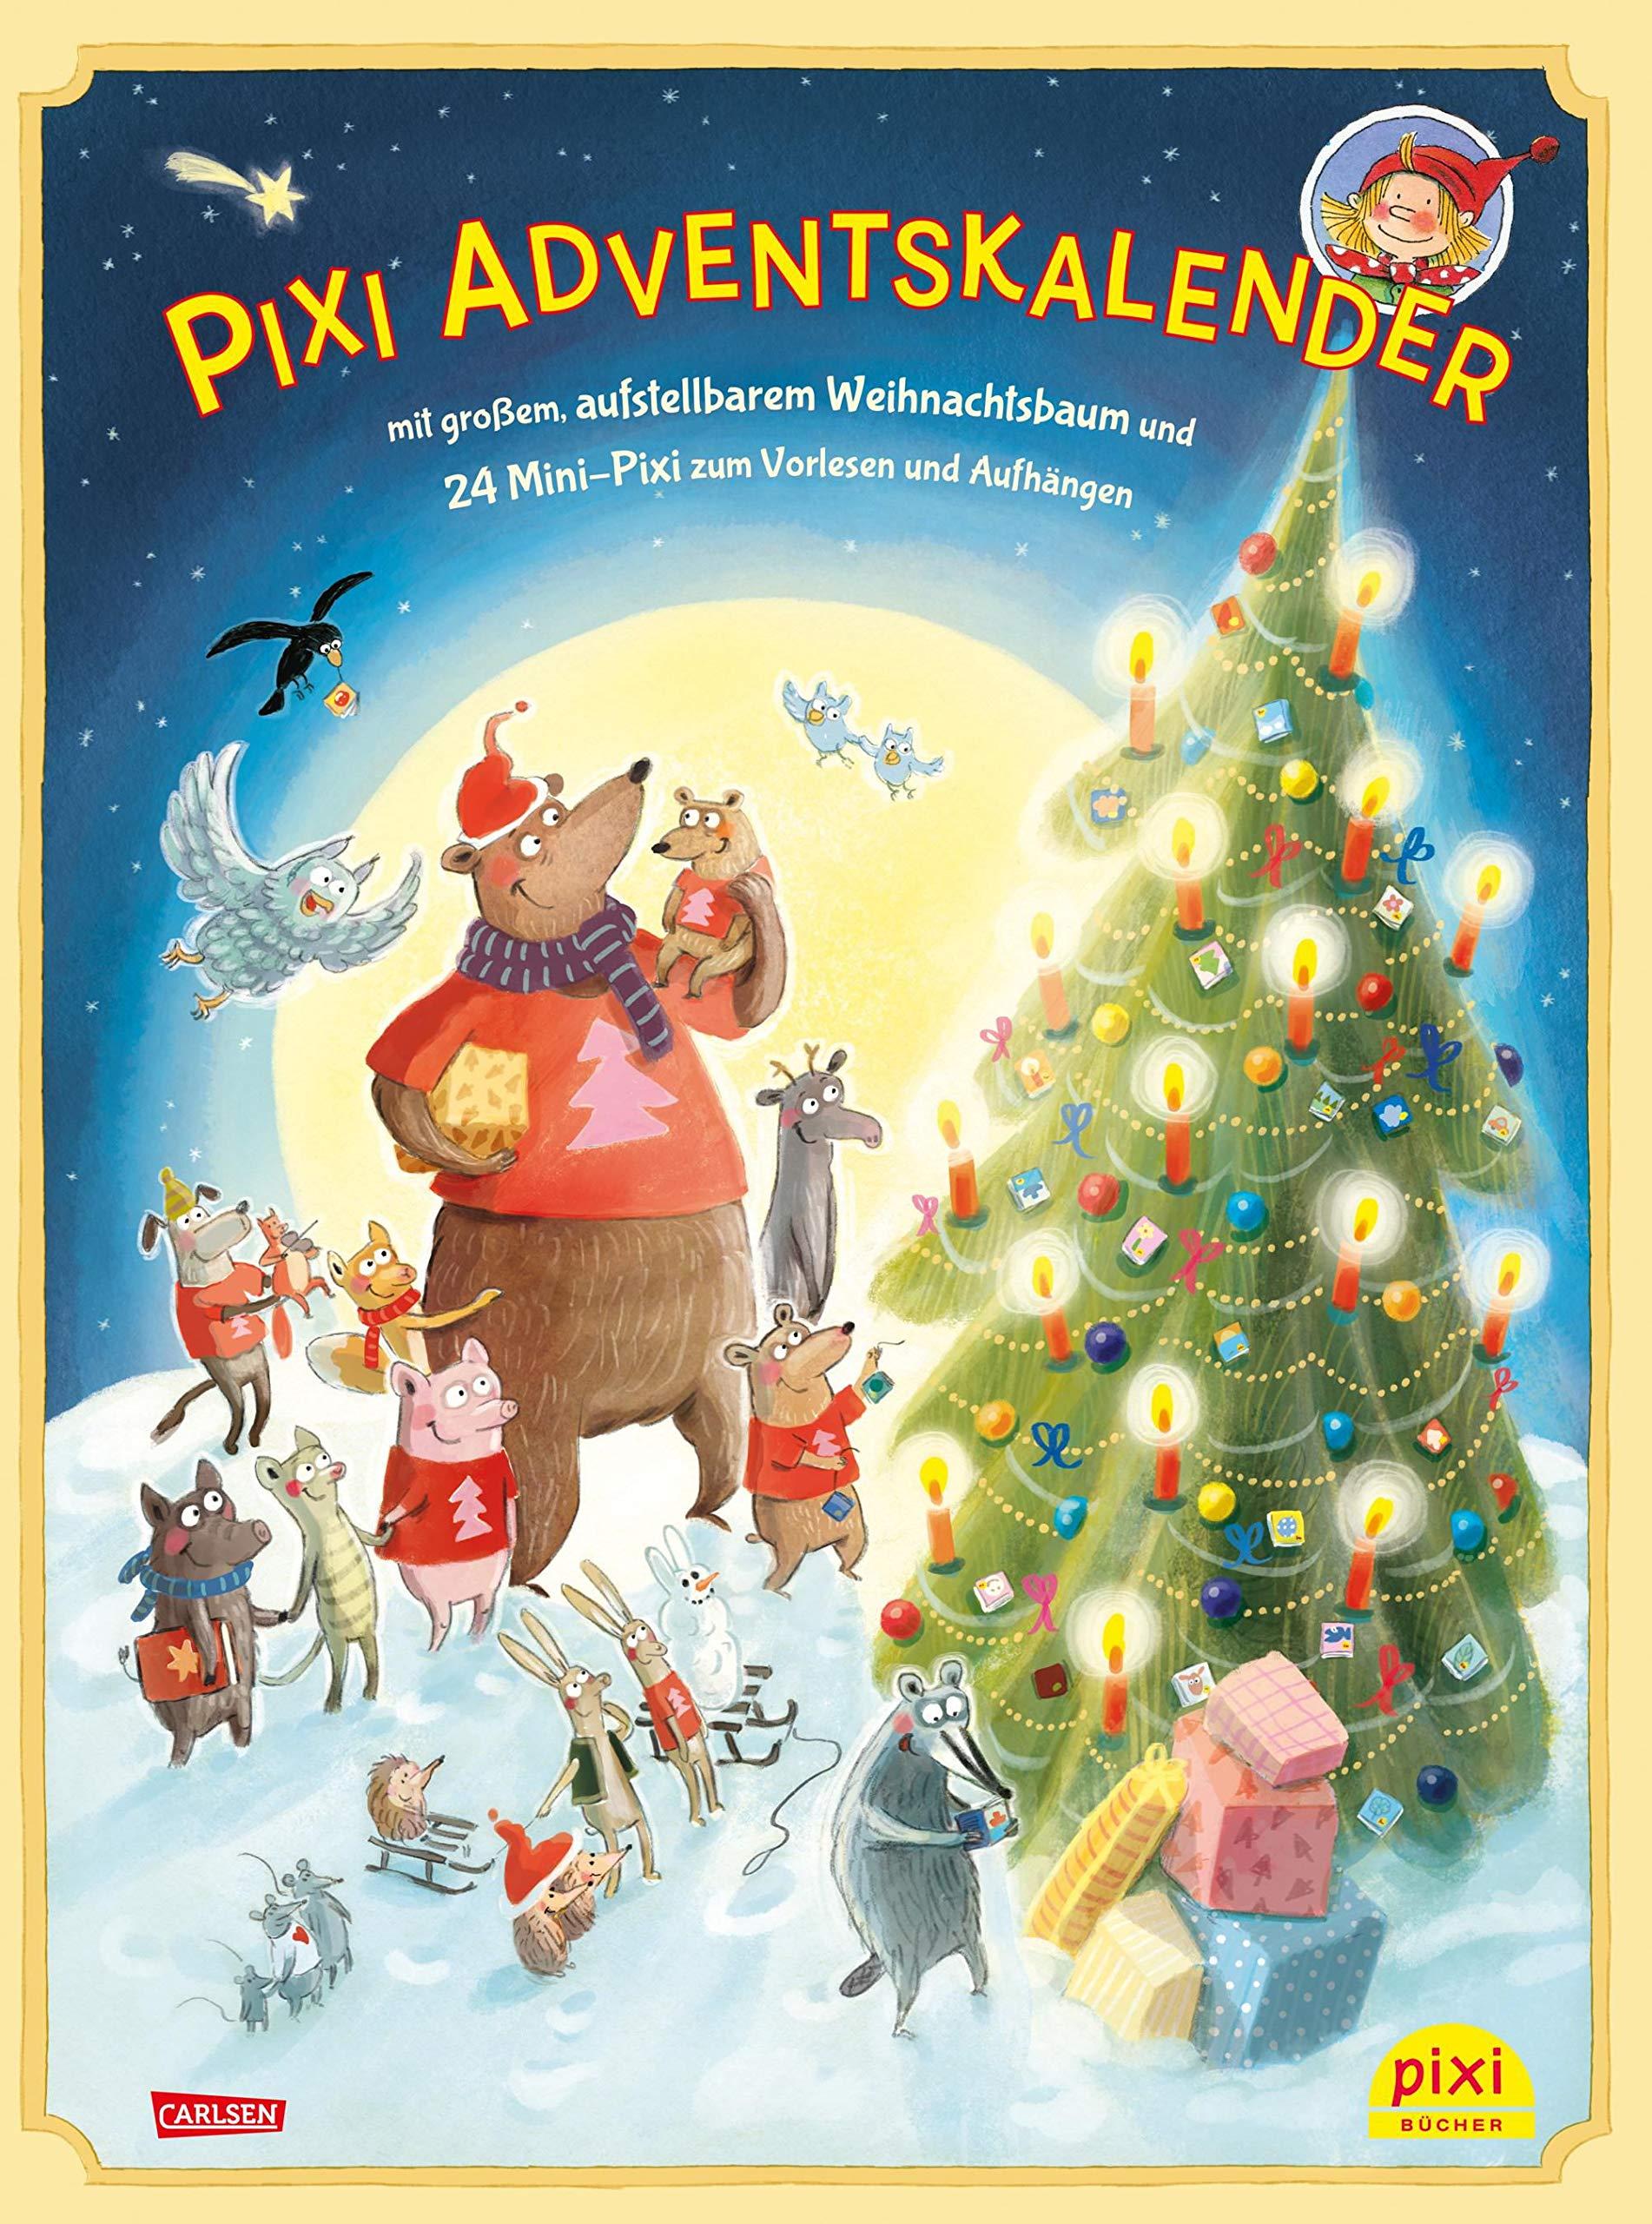 Pixi Adventskalender mit Weihnachtsbaum 2018: mit großem, aufstellbarem Weihnachtsbaum und 24 Mini-Pixi zum Vorlesen und Aufhängen Kalender – 31. August 2018 diverse Astrid Henn Andrea Pöter Markus Zöller